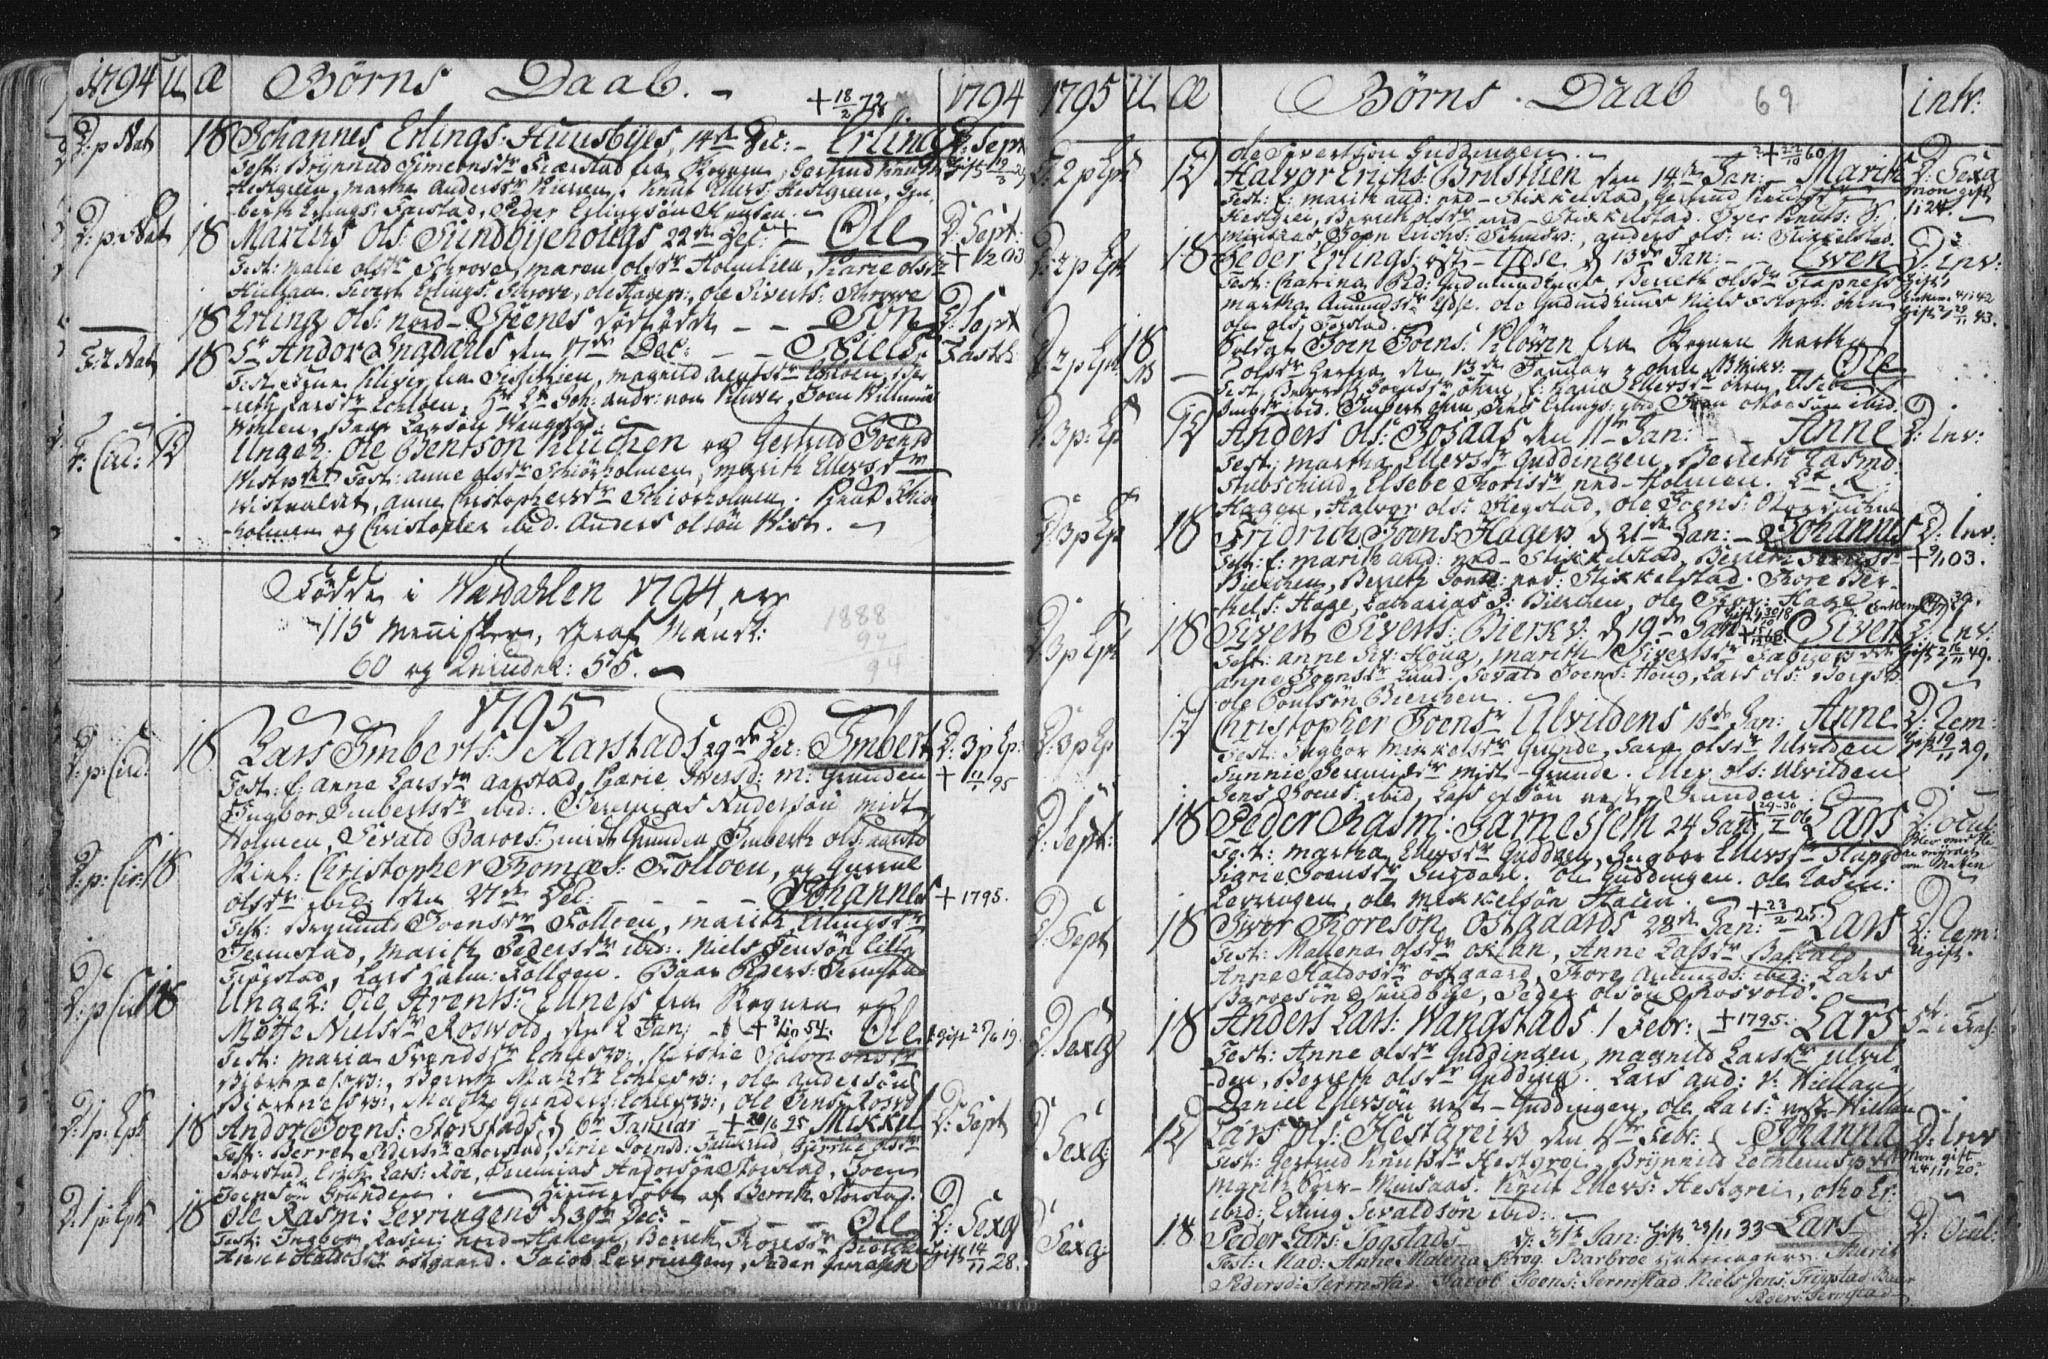 SAT, Ministerialprotokoller, klokkerbøker og fødselsregistre - Nord-Trøndelag, 723/L0232: Ministerialbok nr. 723A03, 1781-1804, s. 69